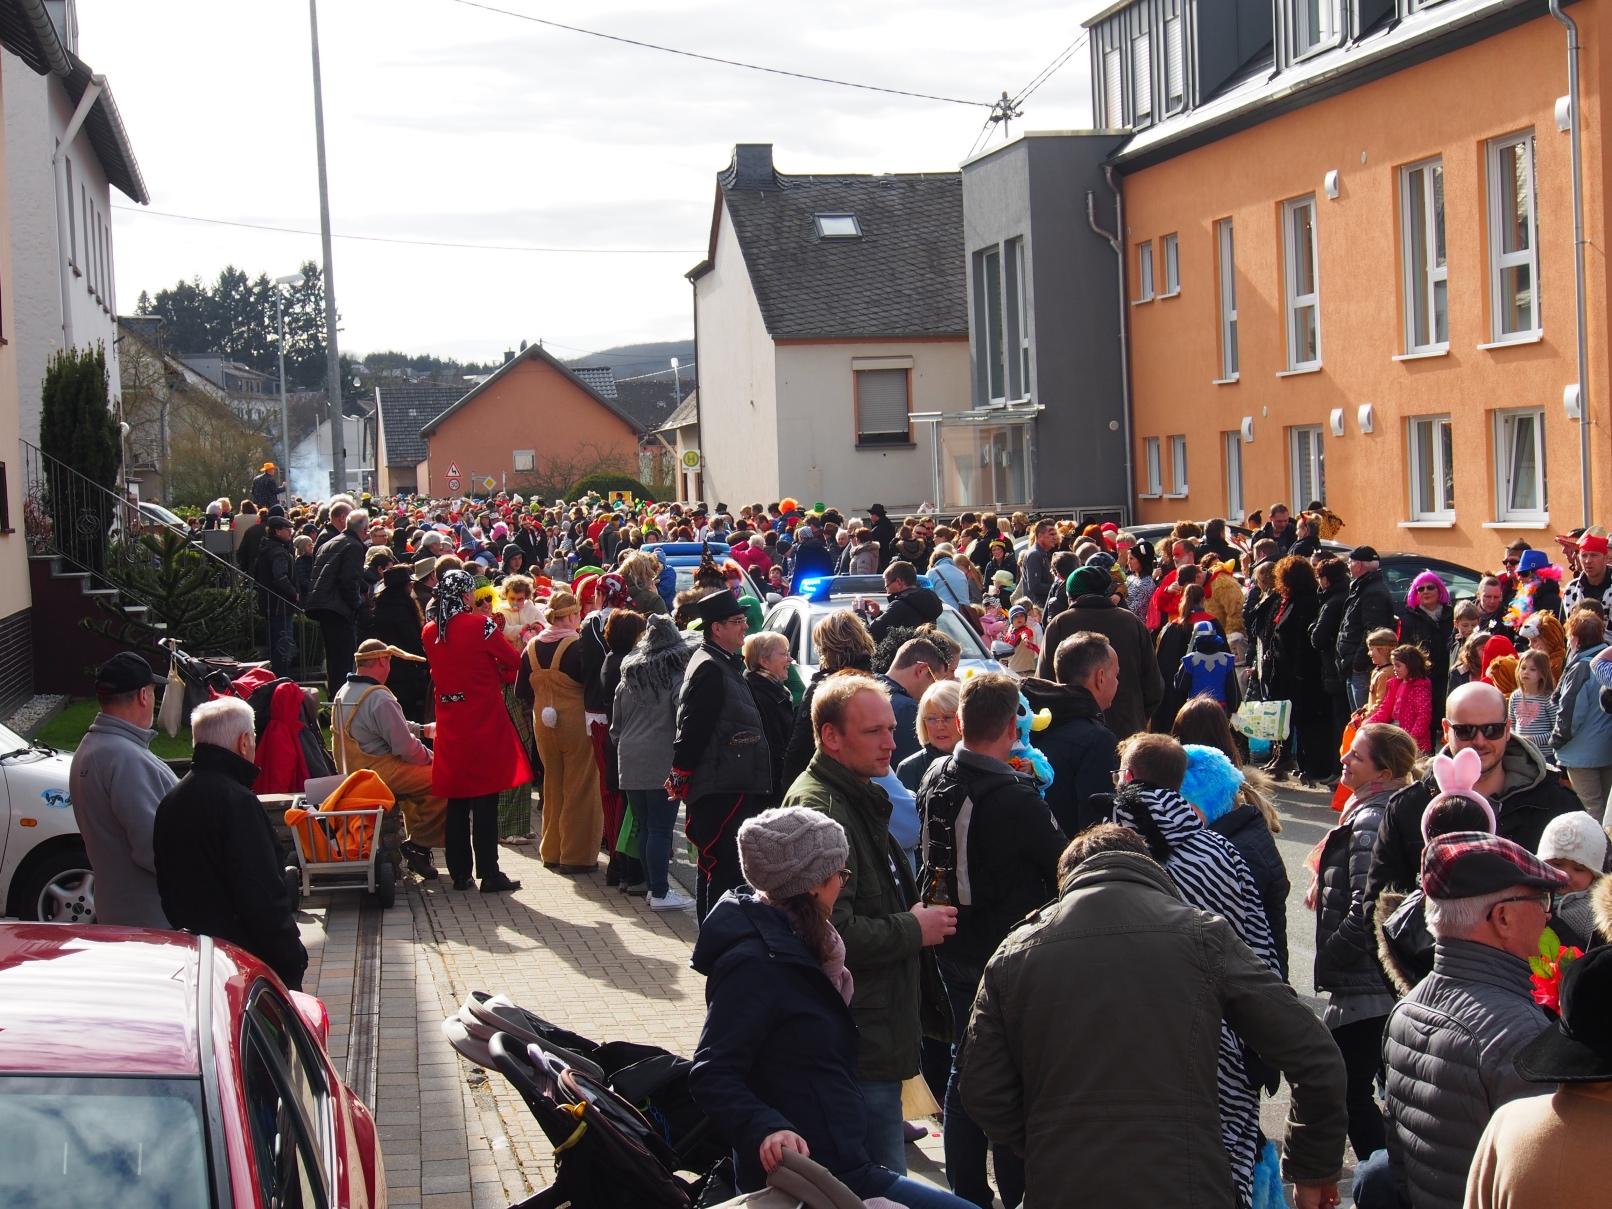 karneval_in_trier17.jpg